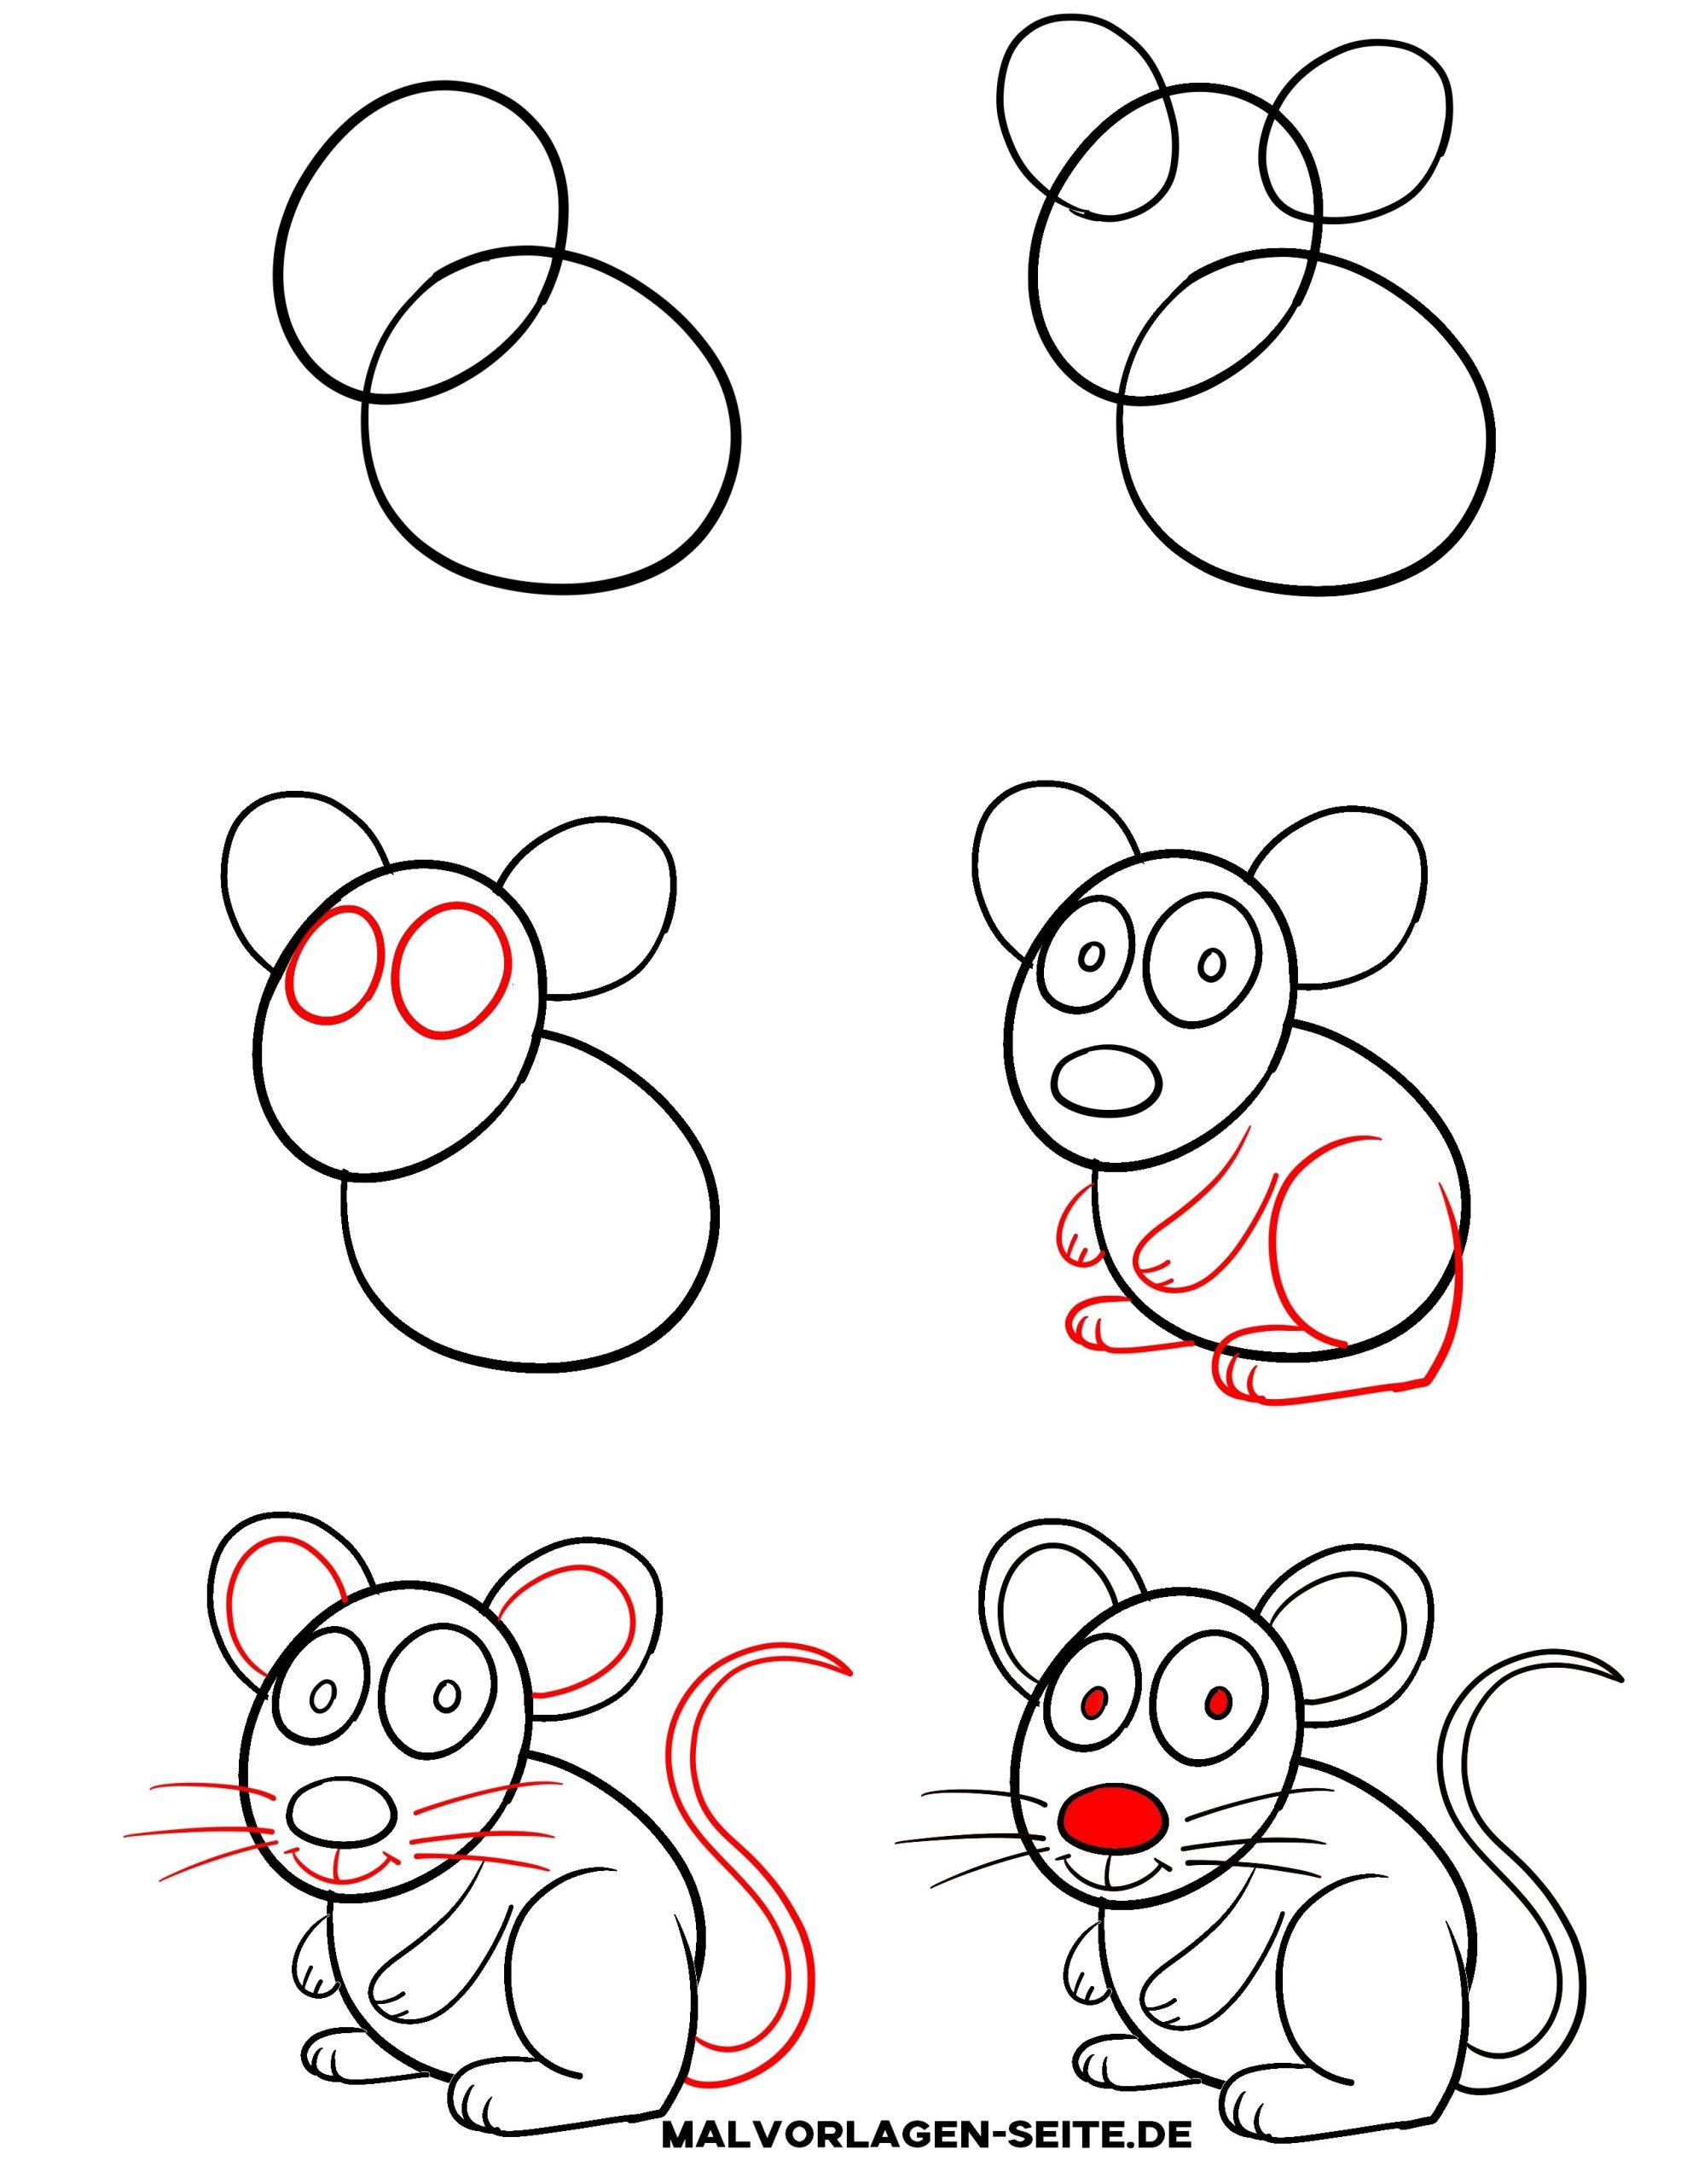 Wie Zeichnet Man Eine Maus - Ausmalbilder Kostenlos für Kinder Zeichnen Lernen